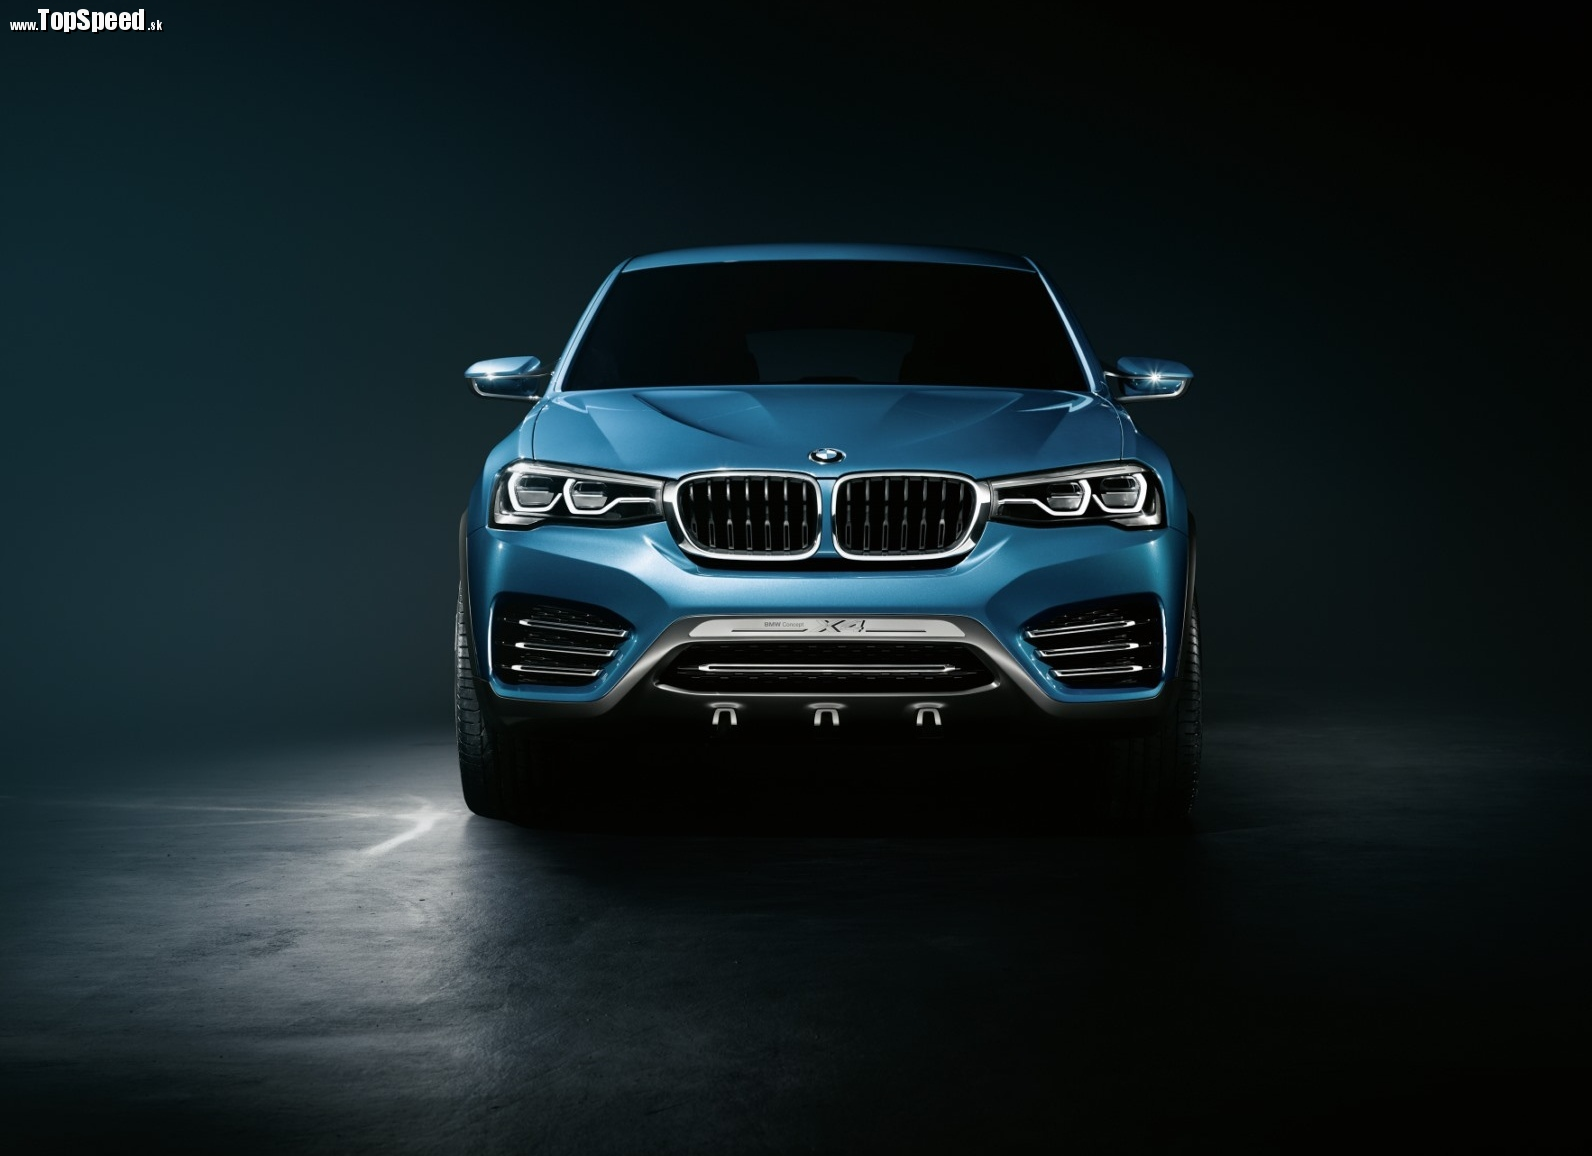 Prednej časti dominuje vzhľad predstavený na koncepte BMW 4 coupé concept. Je definitívny a na ľudí celkom iste zaberie.